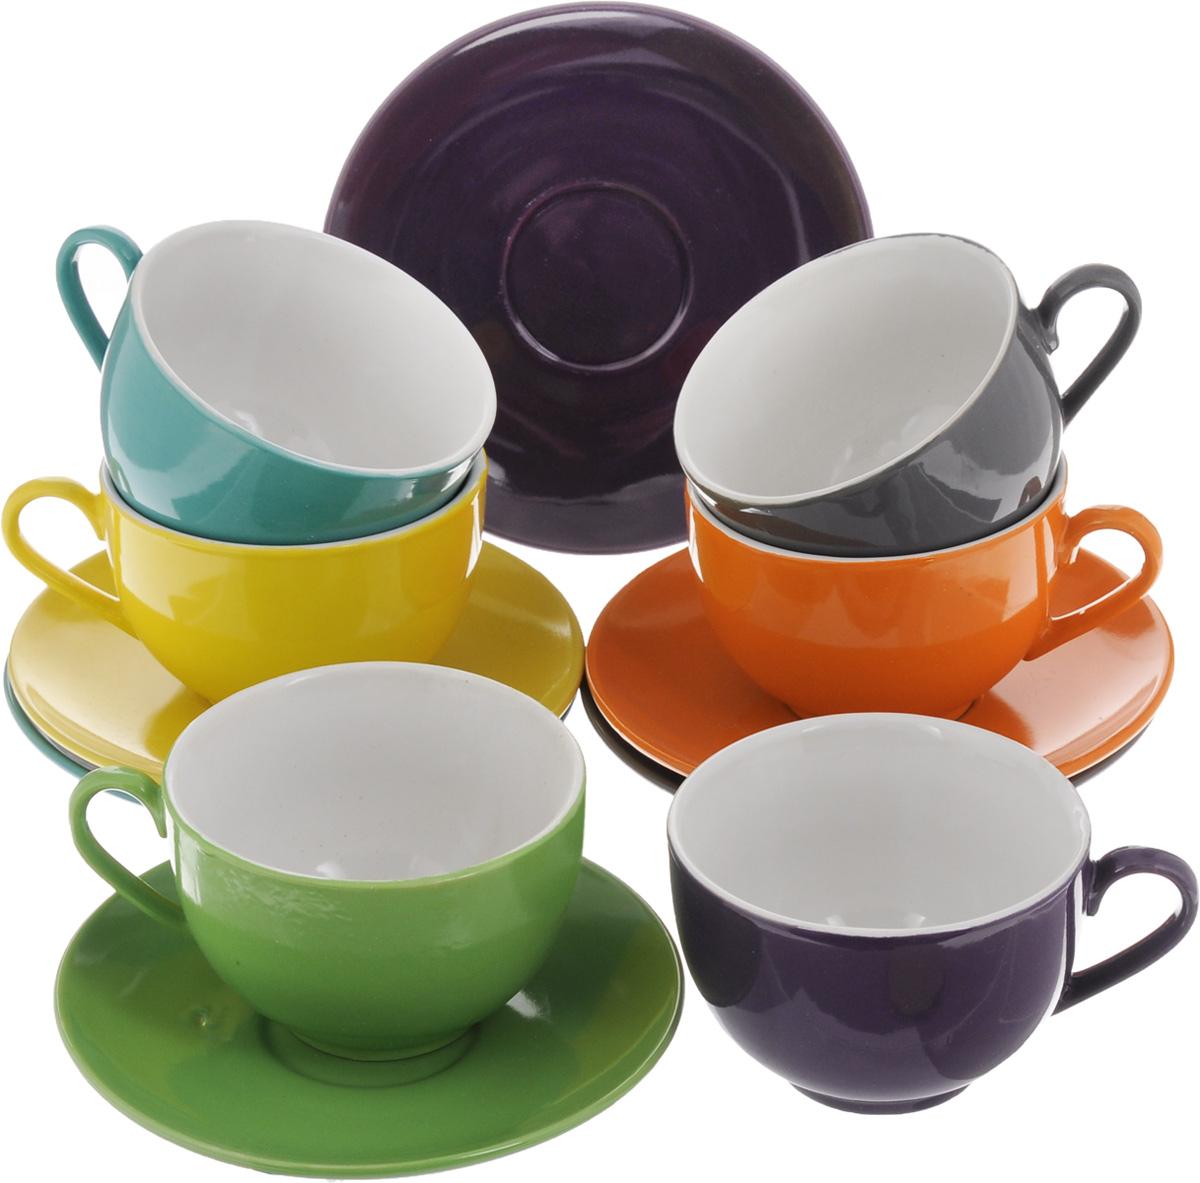 Набор чайный Loraine, 250 мл, 12 предметов. 2448924489Чайный набор Loraine состоит из шести чашек и шести блюдец. Изделия выполнены из высококачественной керамики. Такой набор изящно дополнит сервировку стола к чаепитию. Благодаря оригинальному дизайну и качеству исполнения, он станет замечательным подарком для ваших друзей и близких. Объем чашки: 250 мл. Диаметр чашки по верхнему краю: 9 см. Высота чашки: 6,5 см. Диаметр блюдца: 15 см.Высота блюдца: 2 см.